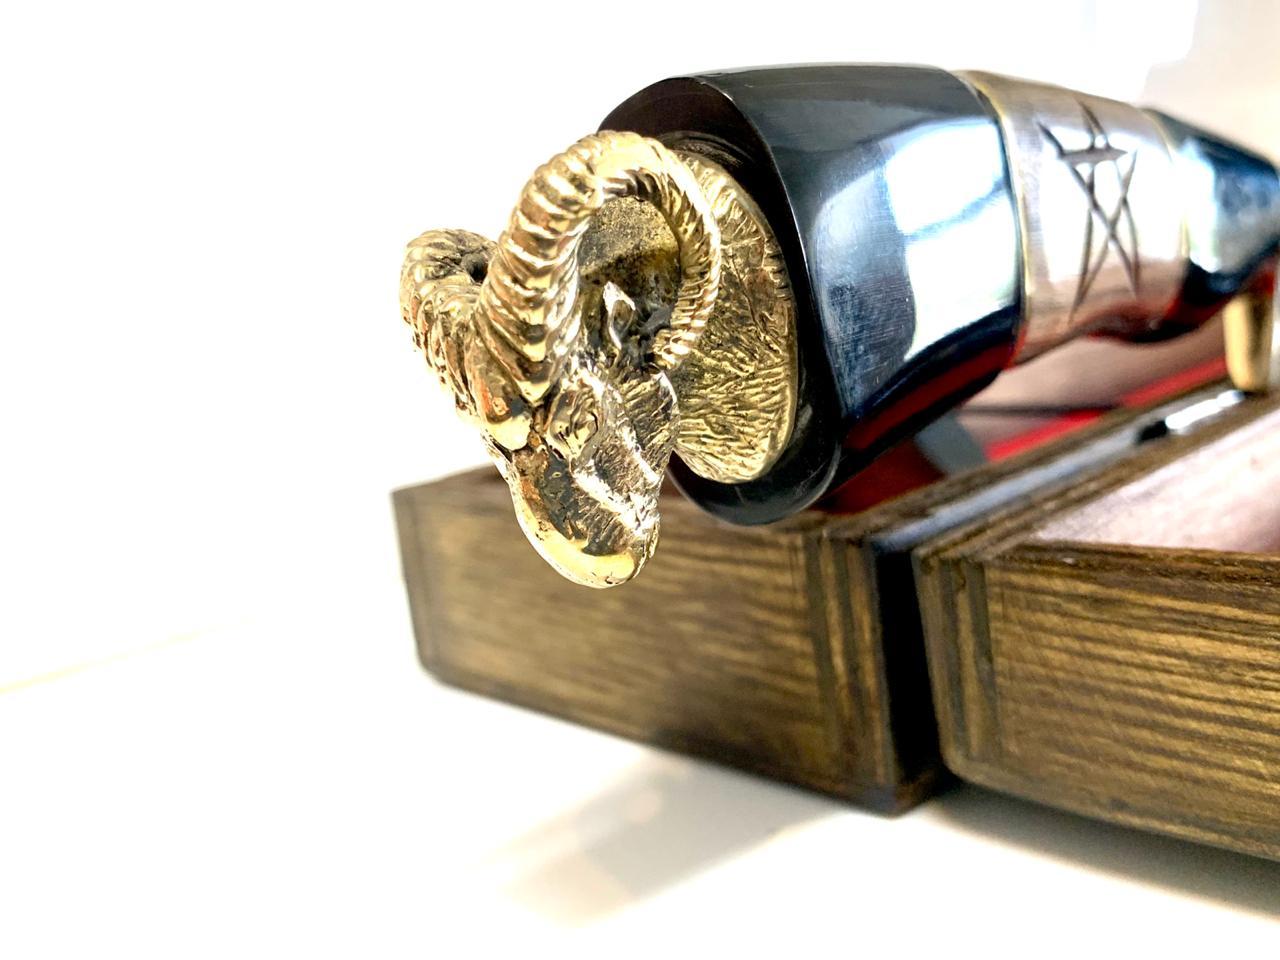 """Faca Bode 12"""" Polegadas em Aço inox 420 - Cabo em Chifre de Búfalo + Caixa Madeira com Veludo + Bainha em Couro - LUXO"""